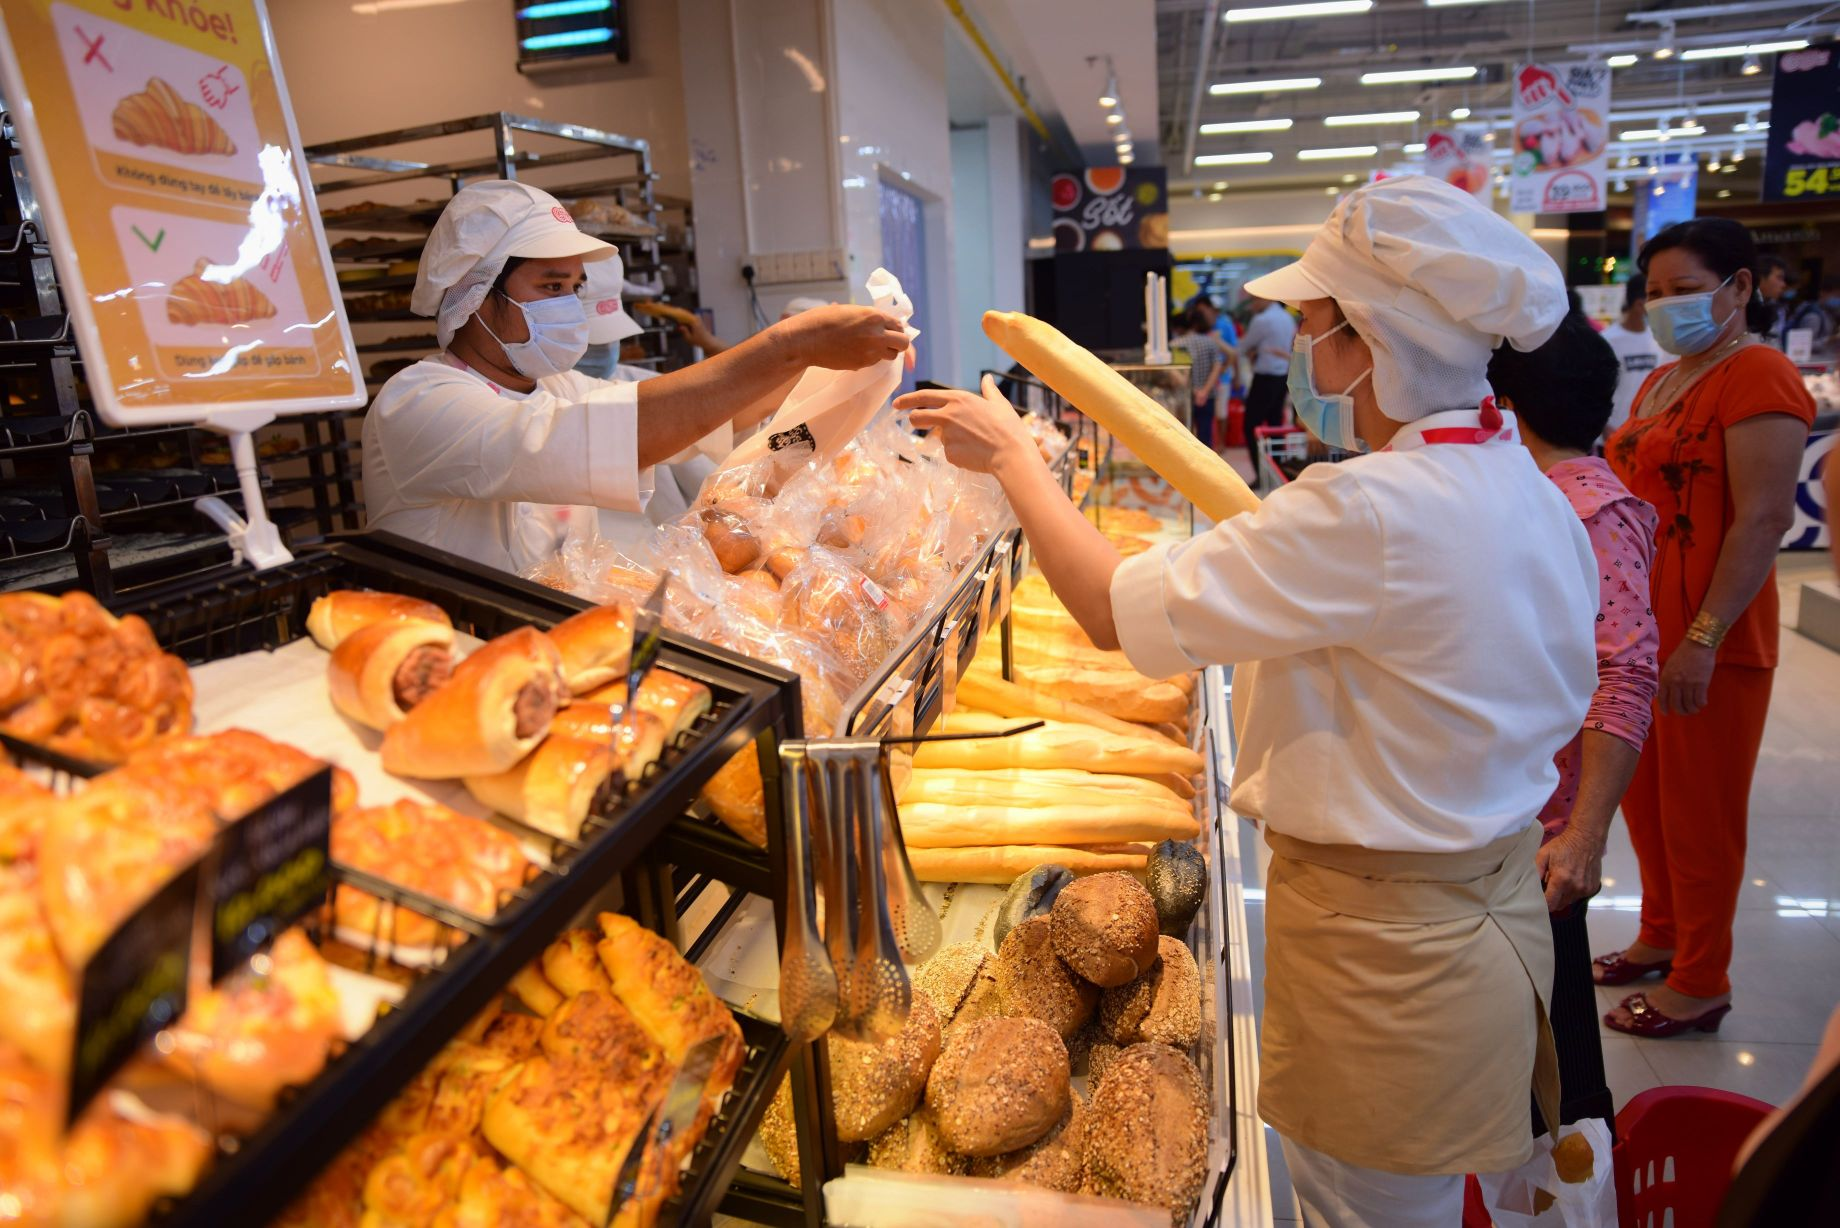 Đại siêu thị Big C 4 Đại siêu thị Big C đổi tên thành Đại siêu thị GO!: Khách hàng được mua sắm trong không gian hiện đại